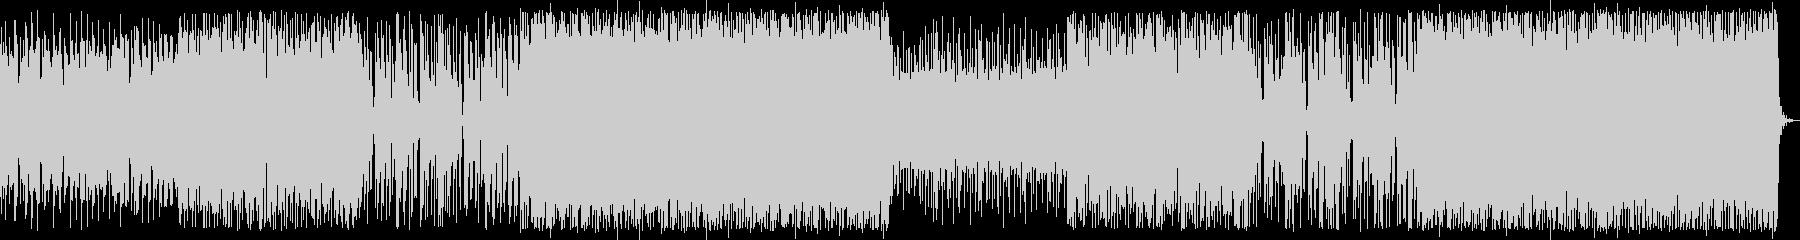 疾走感/エレクトロロック_No471_1の未再生の波形